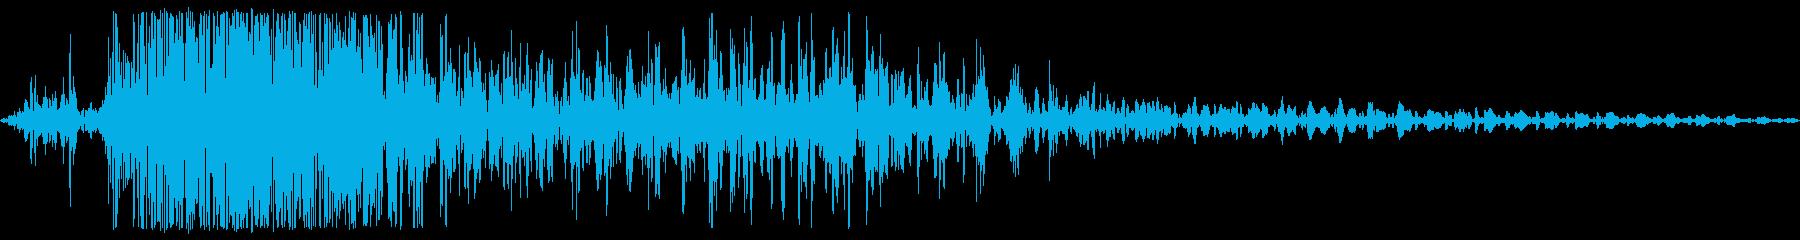 ガオー(猛獣、ライオンなどのうなり声)の再生済みの波形